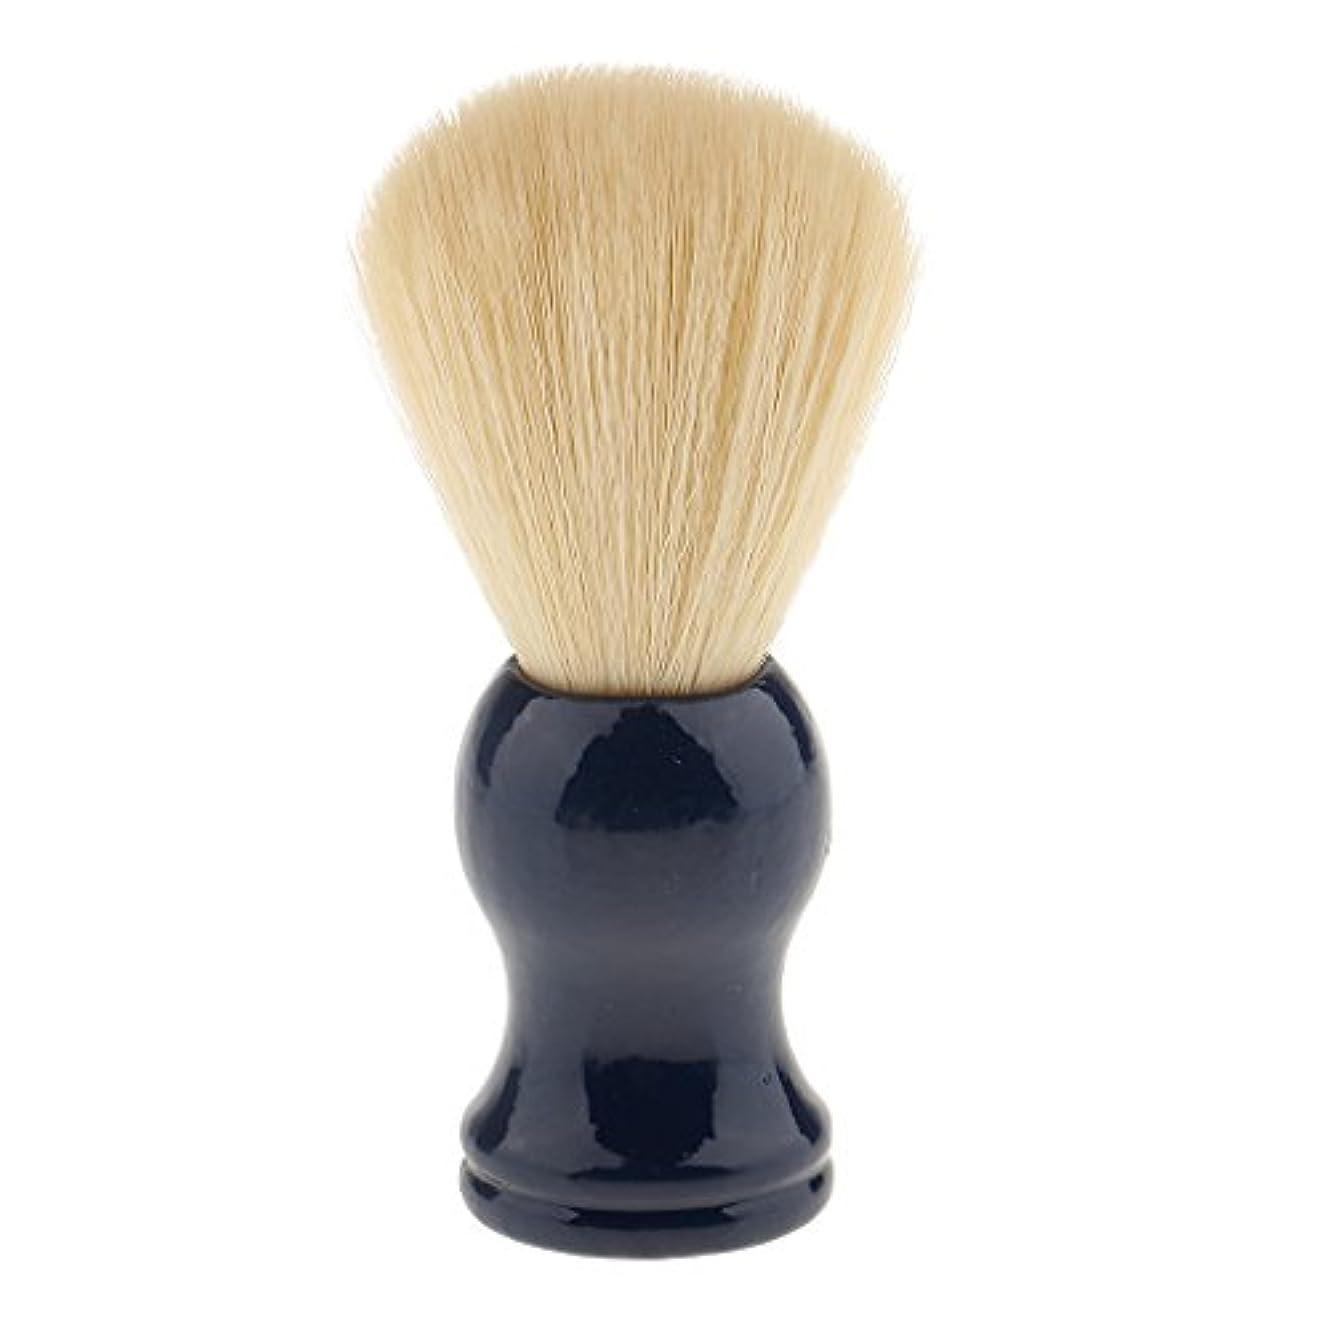 その後バスリビングルームナイロン ひげブラシ シェービング ブラシ 髭 泡立て 散髪整理 理髪用 サロン 快適 美容院